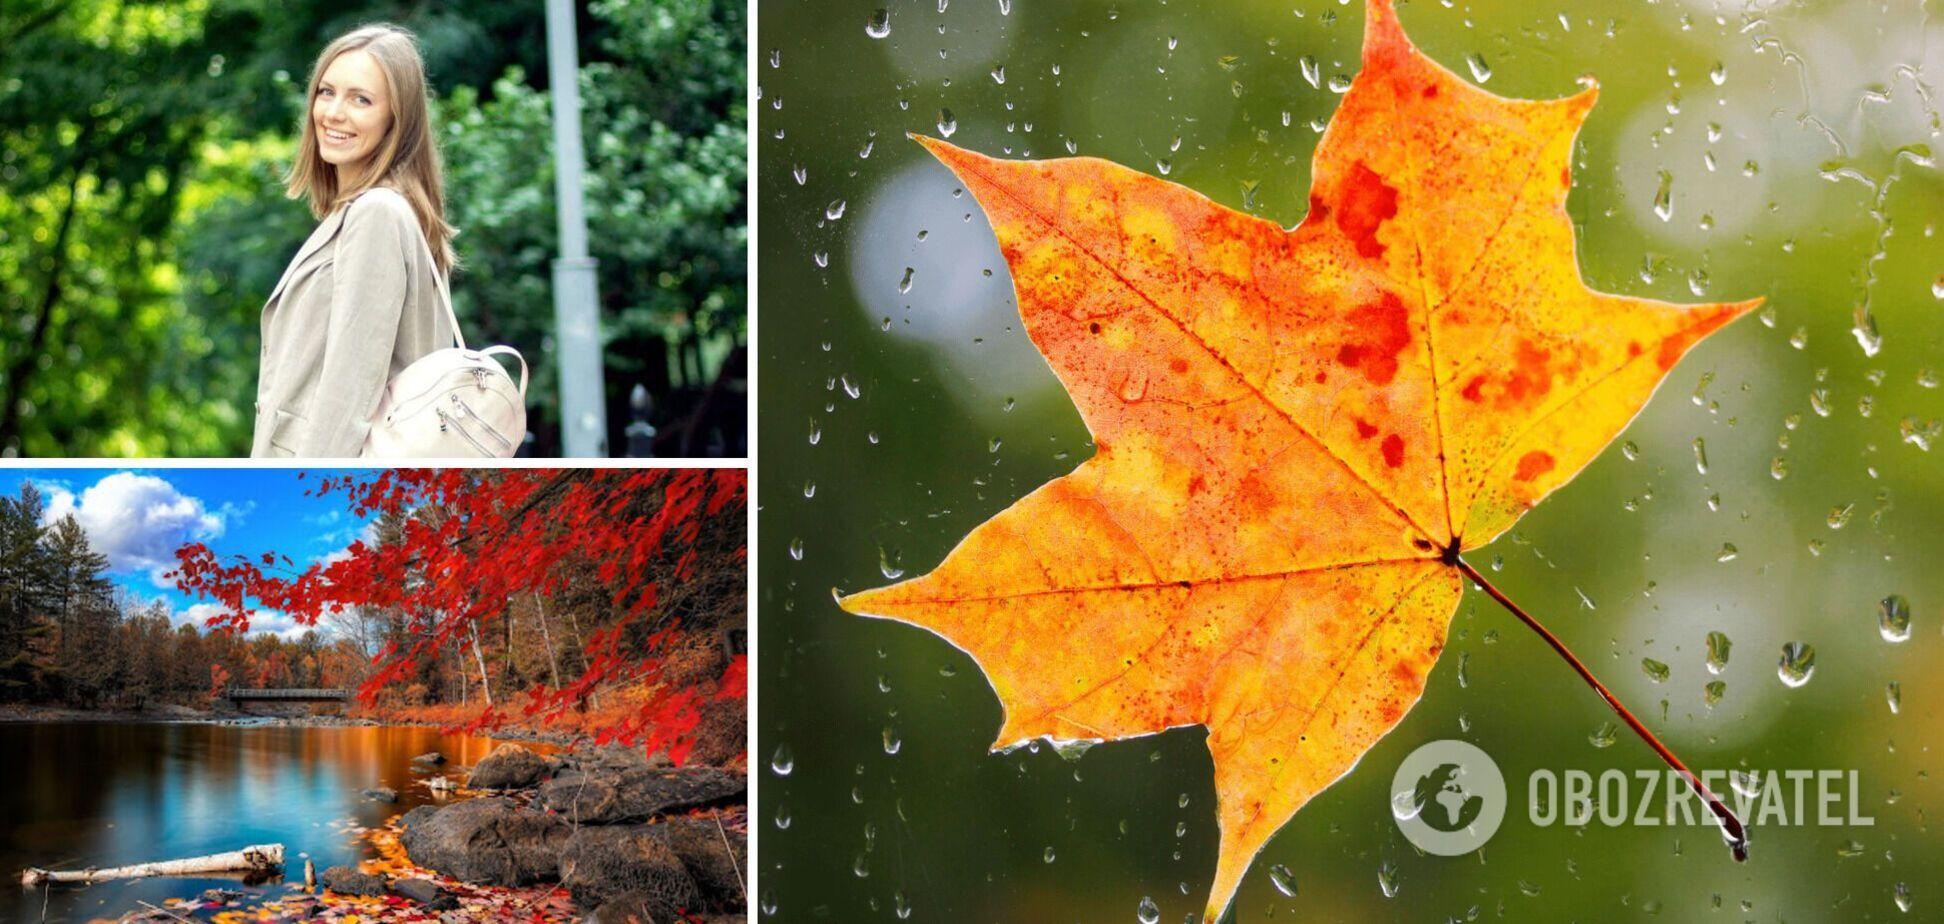 Синоптик озвучила прогноз погоды на длинные выходные